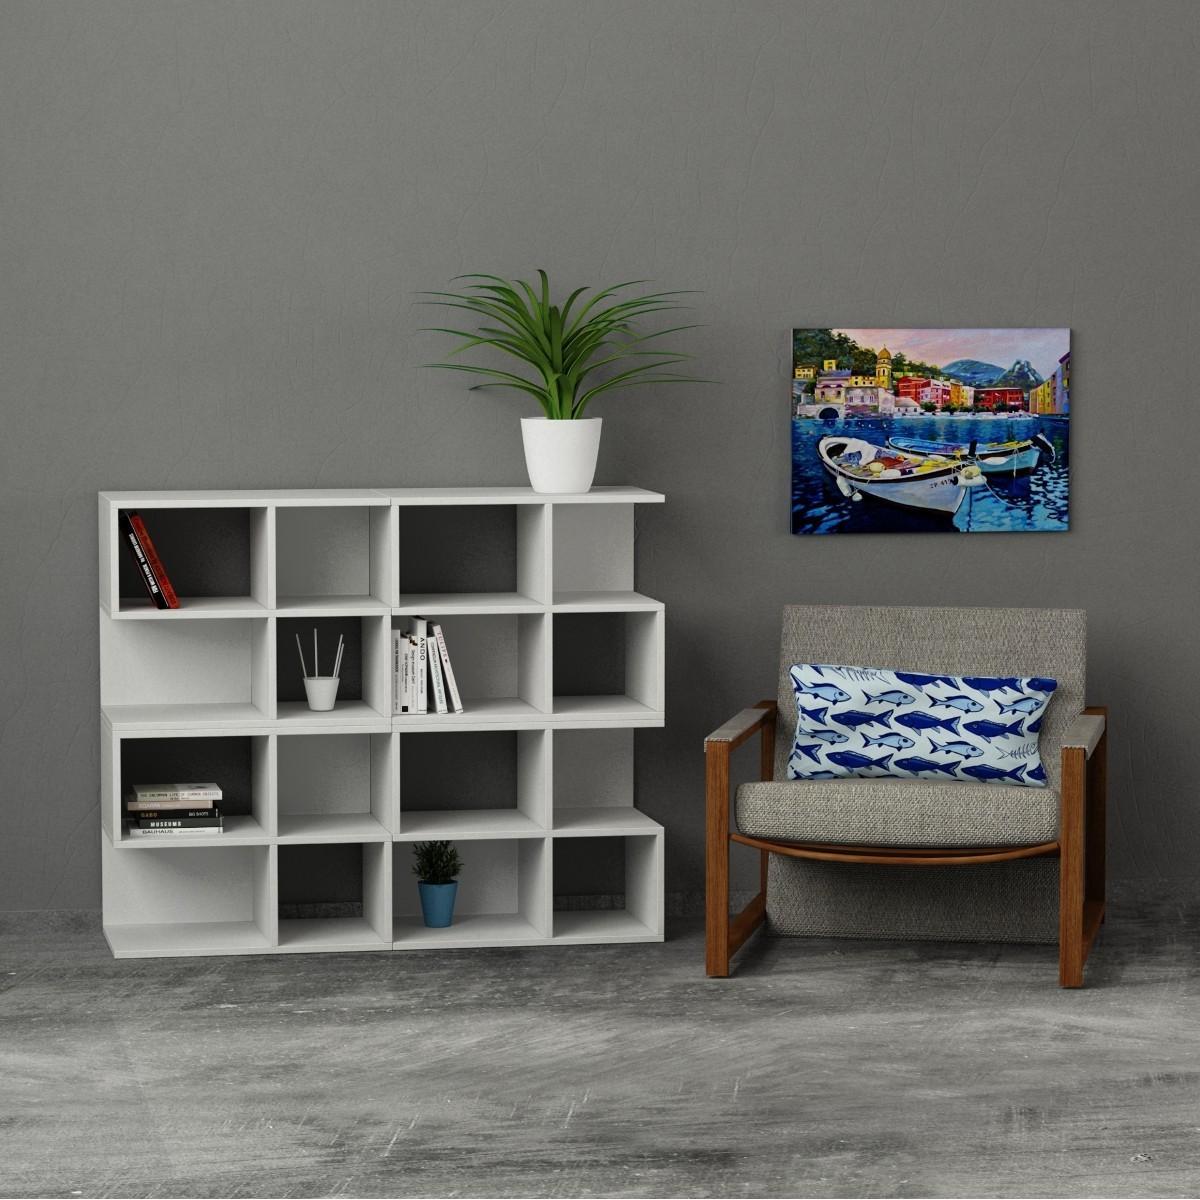 Premiere libreria componibile modulare design 130x108cm for Librerie in legno componibili